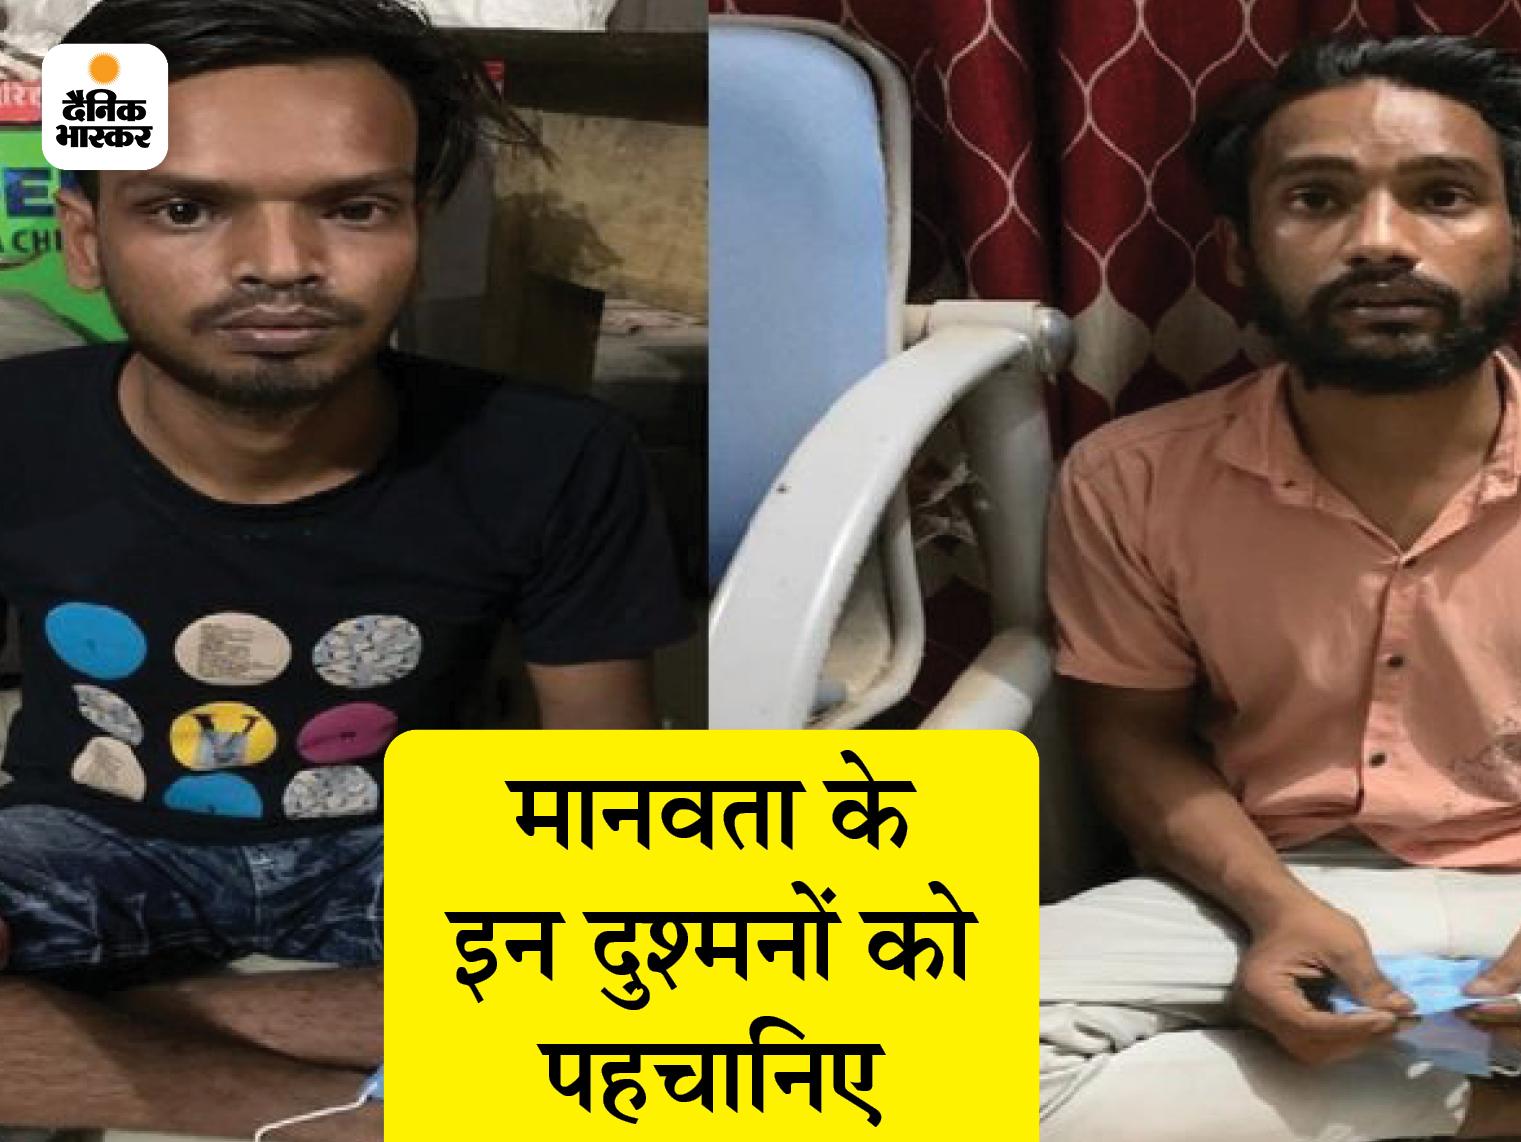 पटना में बैठकर दिल्ली में ऑक्सीजन की होम डिलीवरी का करते थे सौदा, पैसा एकाउंट में आते ही ऑफ कर लेते थे मोबाइल|बिहार,Bihar - Dainik Bhaskar